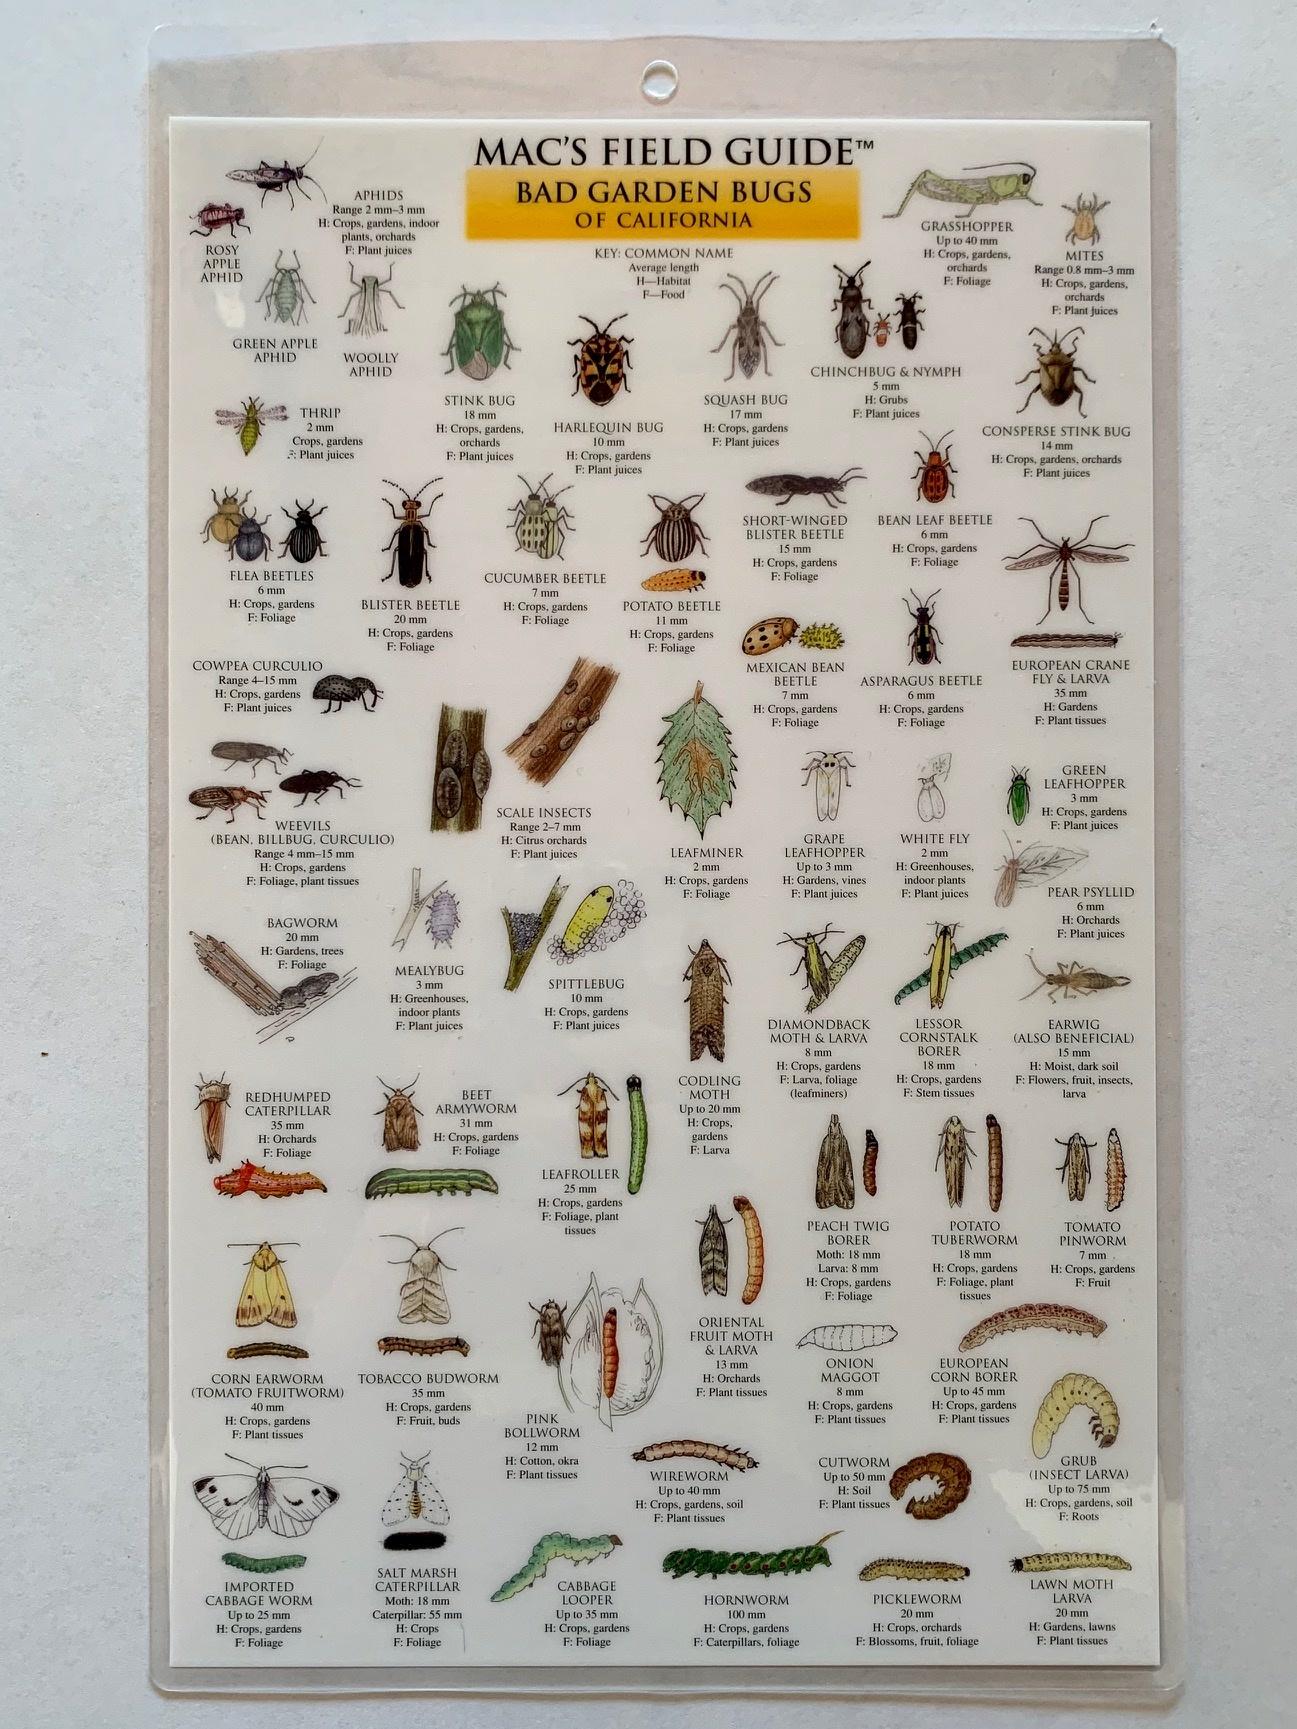 Mac's Field Guide- Garden Bugs of California